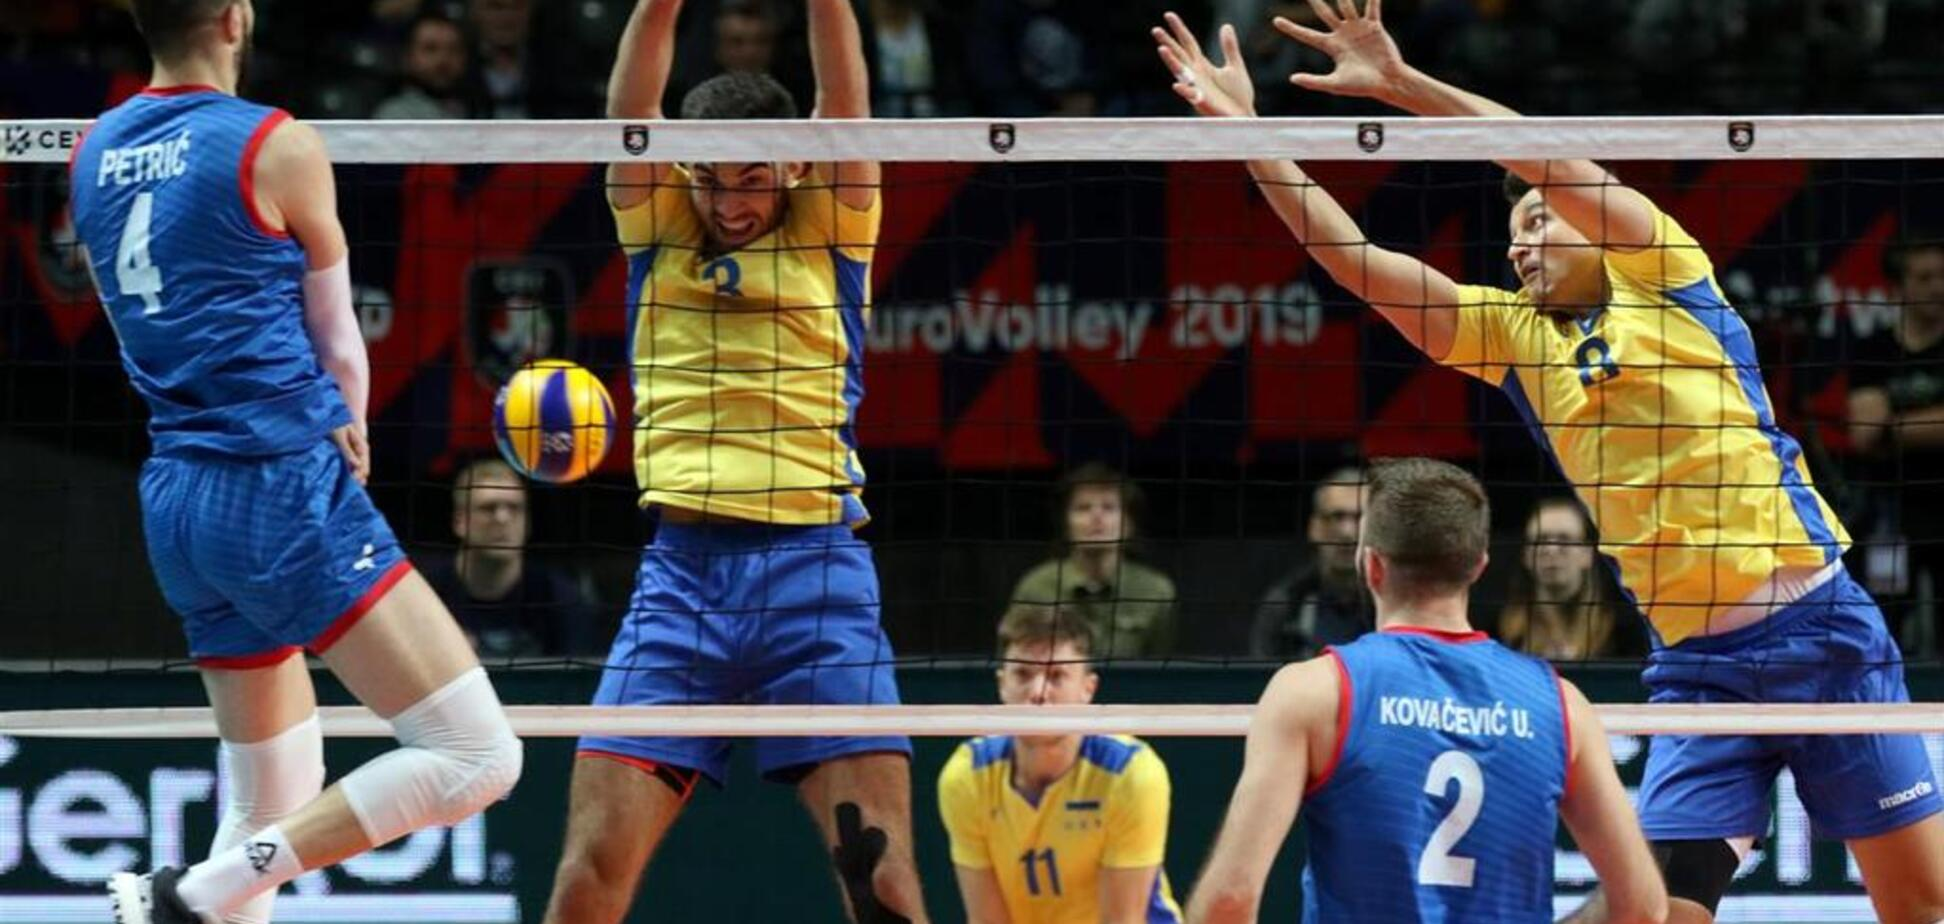 Збірна України драматично програла в історичному матчі на ЧЄ з волейболу-2019